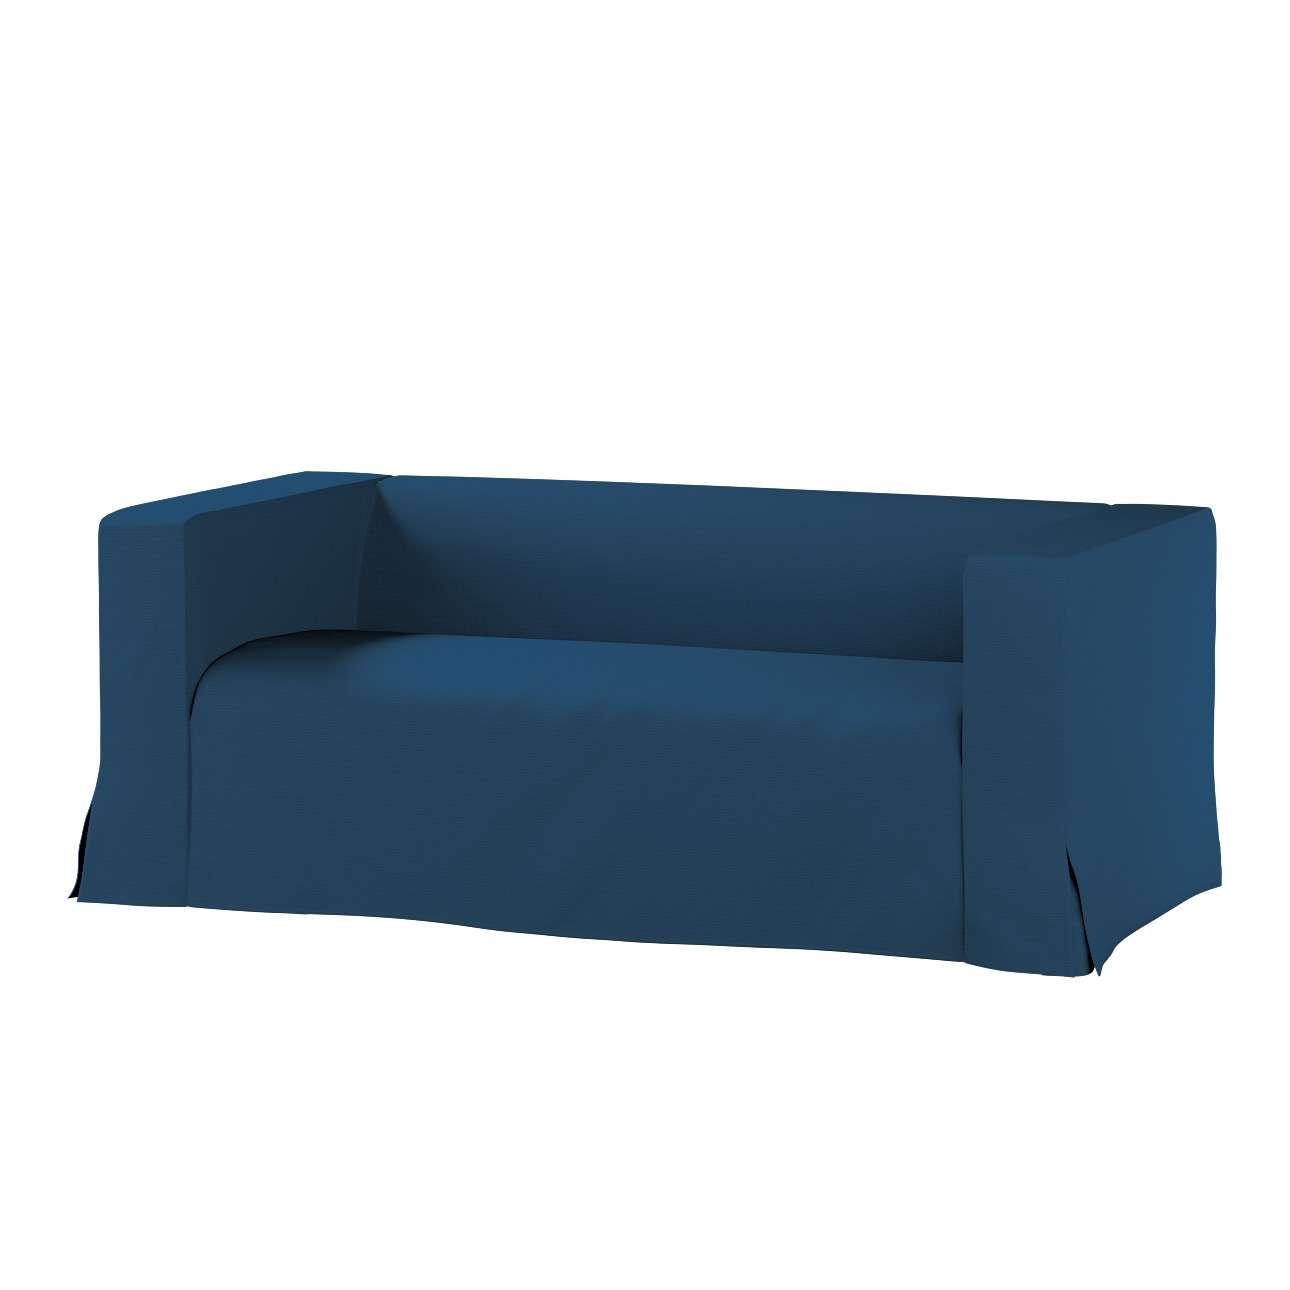 Klippan dvivietės sofos užvalkalas (ilgas, iki žemės) Klippan dvivietės sofos užvalkalas (ilgas, iki žemės) kolekcijoje Cotton Panama, audinys: 702-30